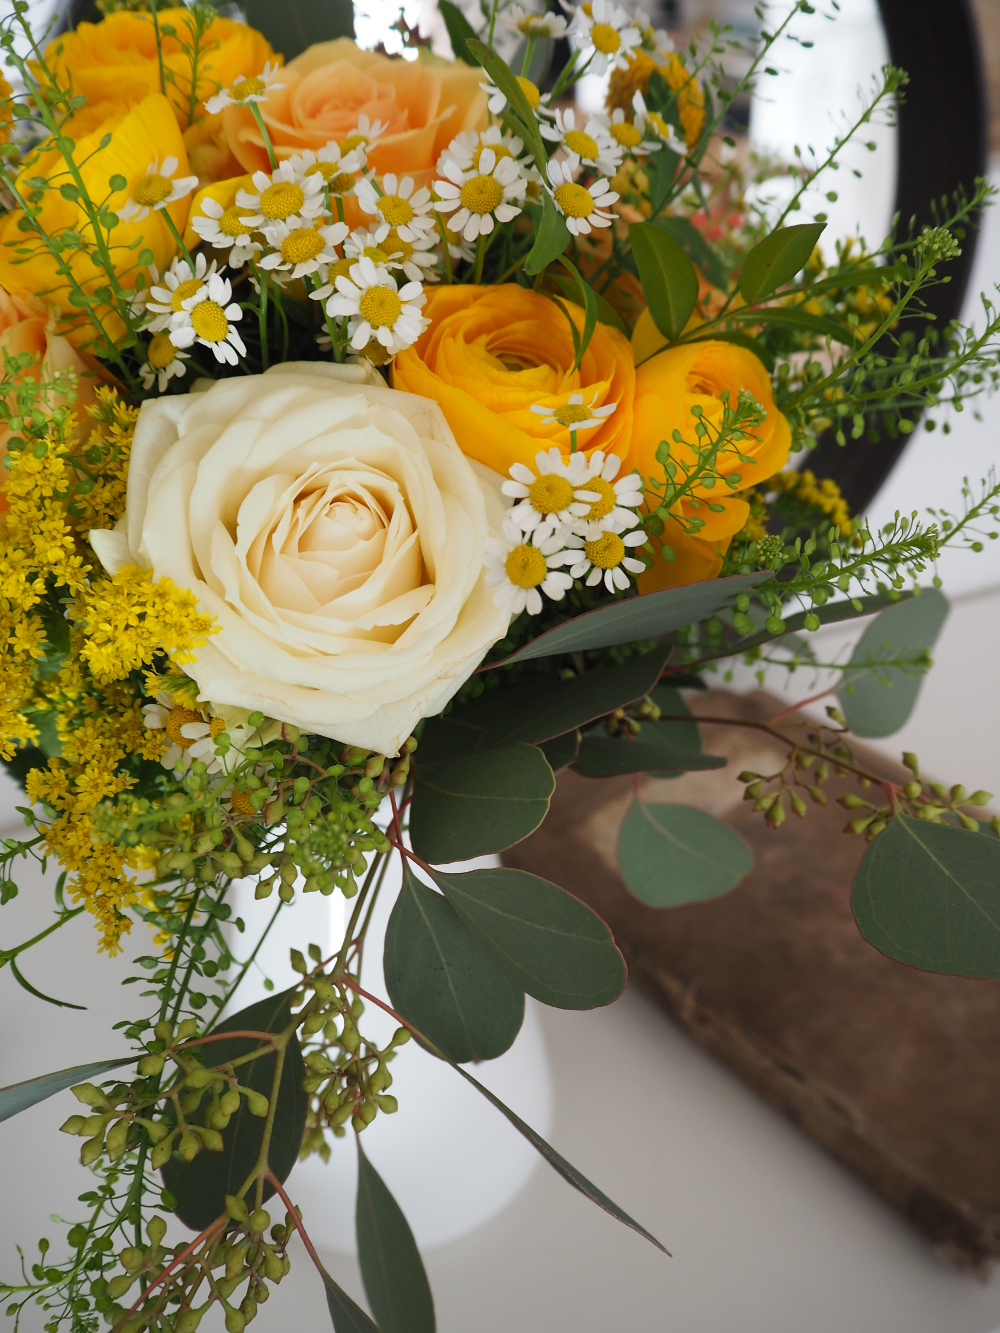 flowers at home. livraison fleurs à la maison. ilaria fatone